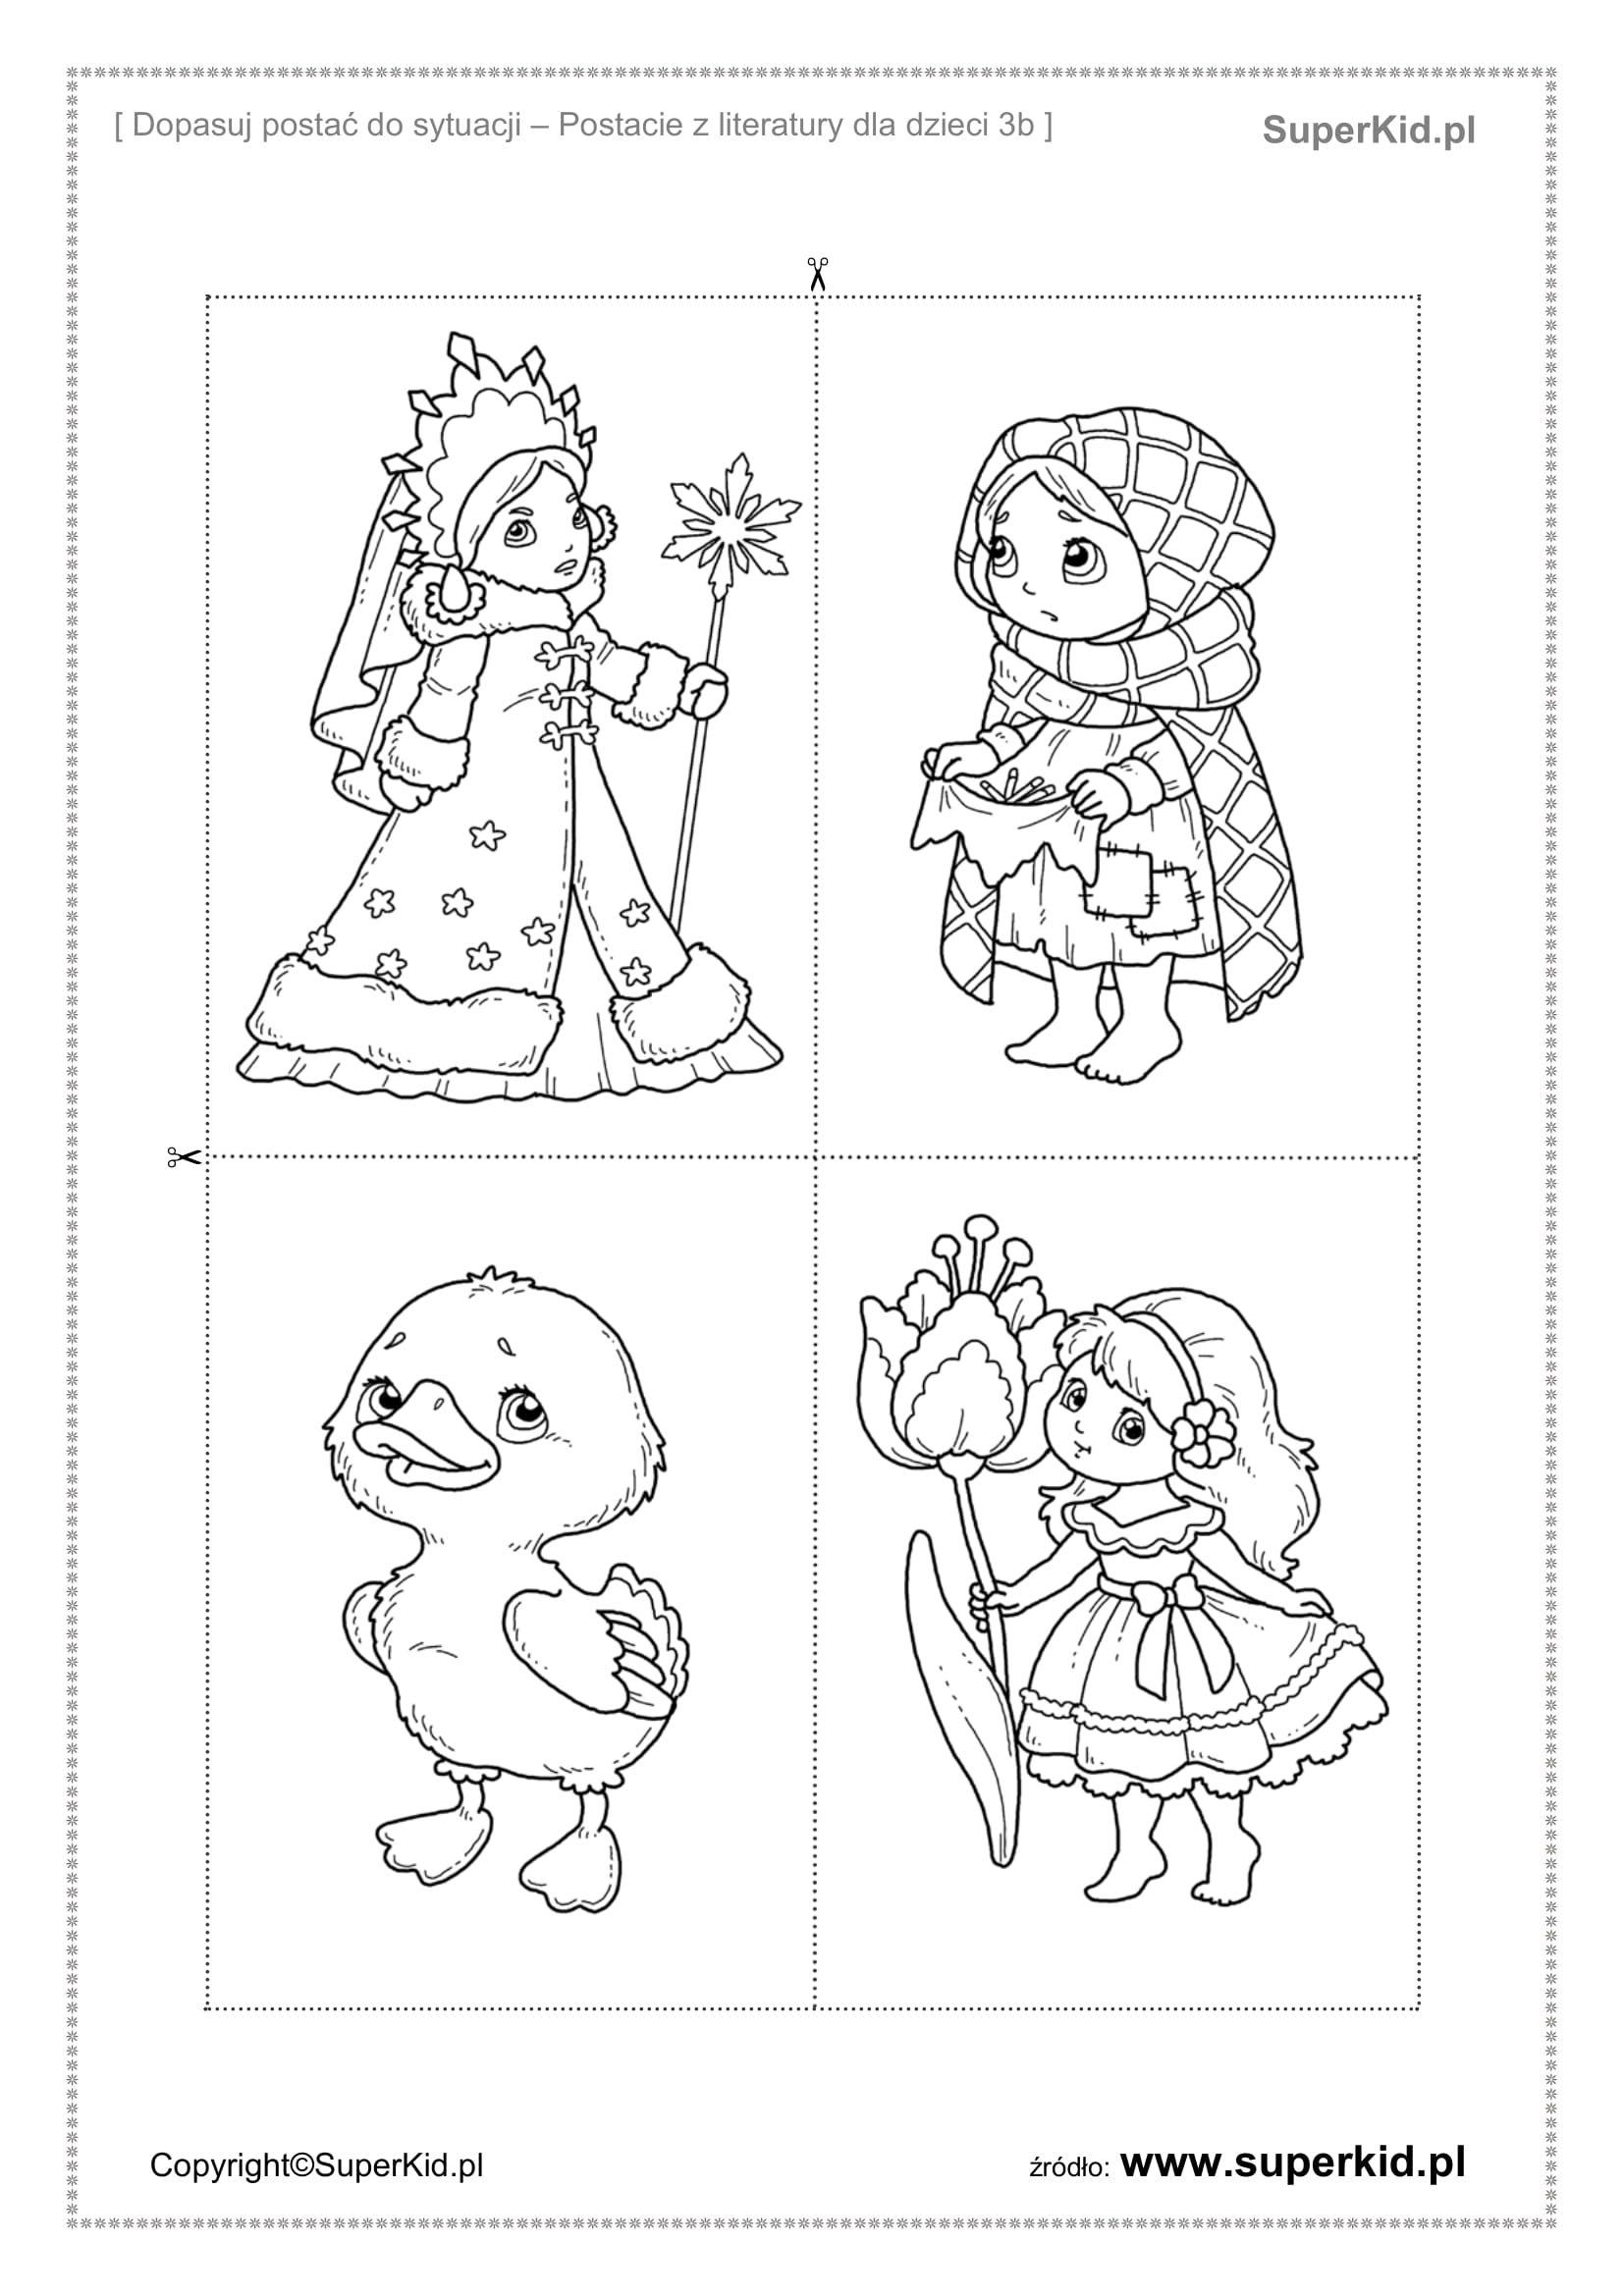 Pin By Gocha On Gocha In 2020 Cards Comics Art